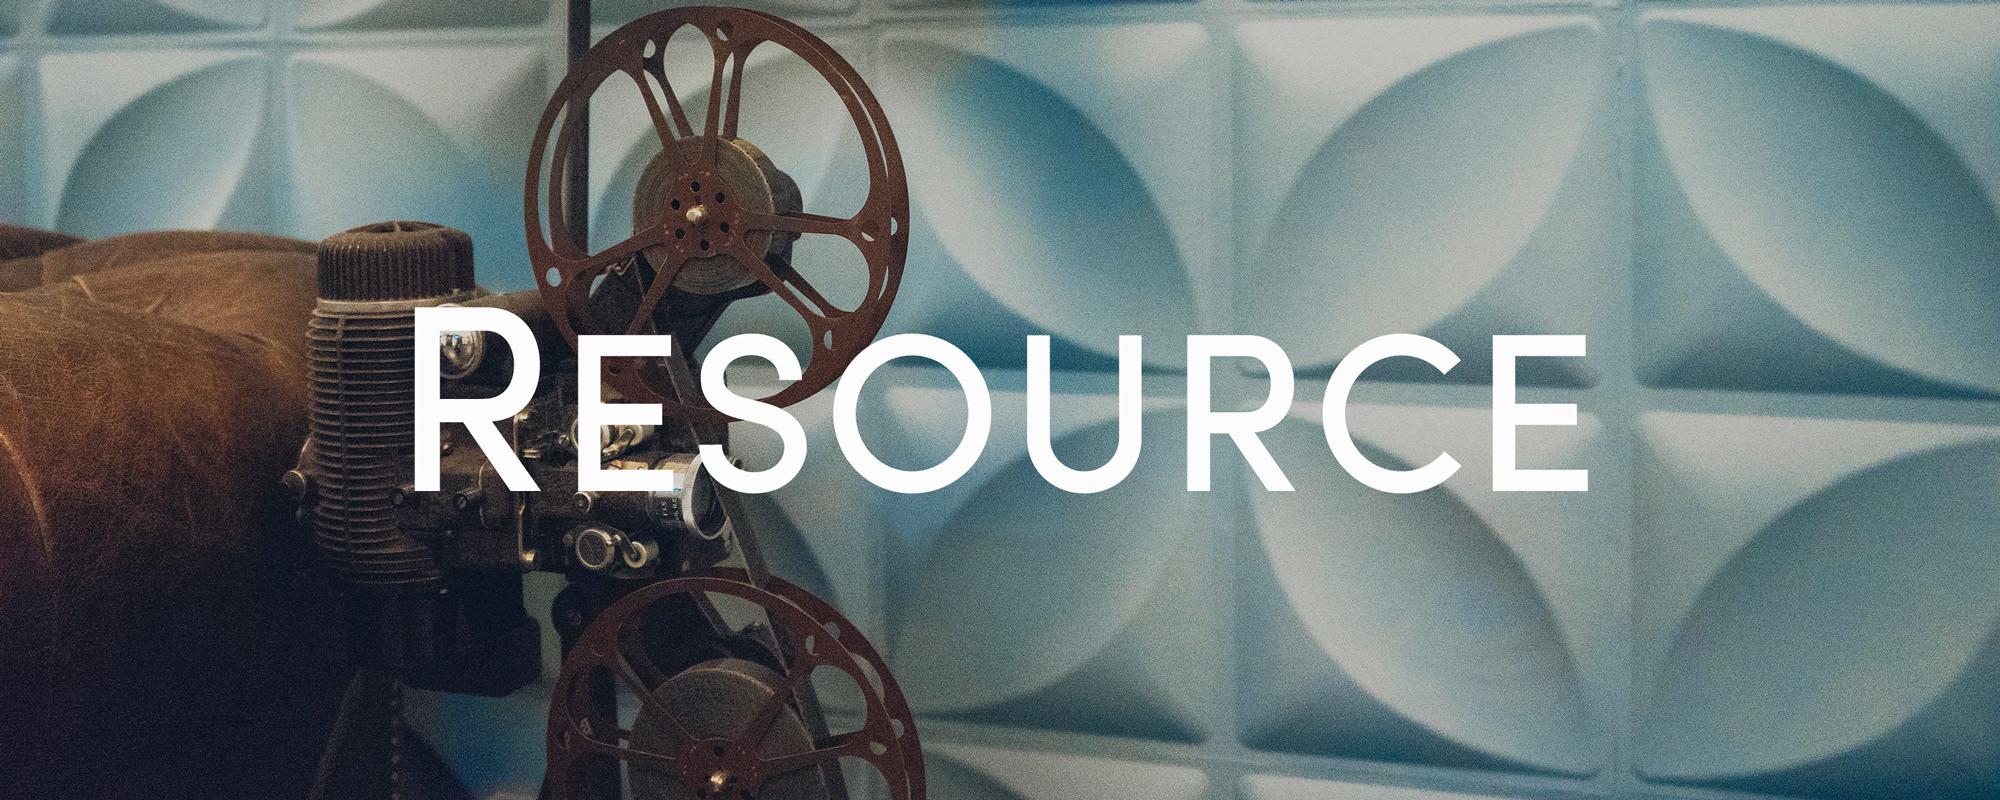 ResourceBannerText.jpg